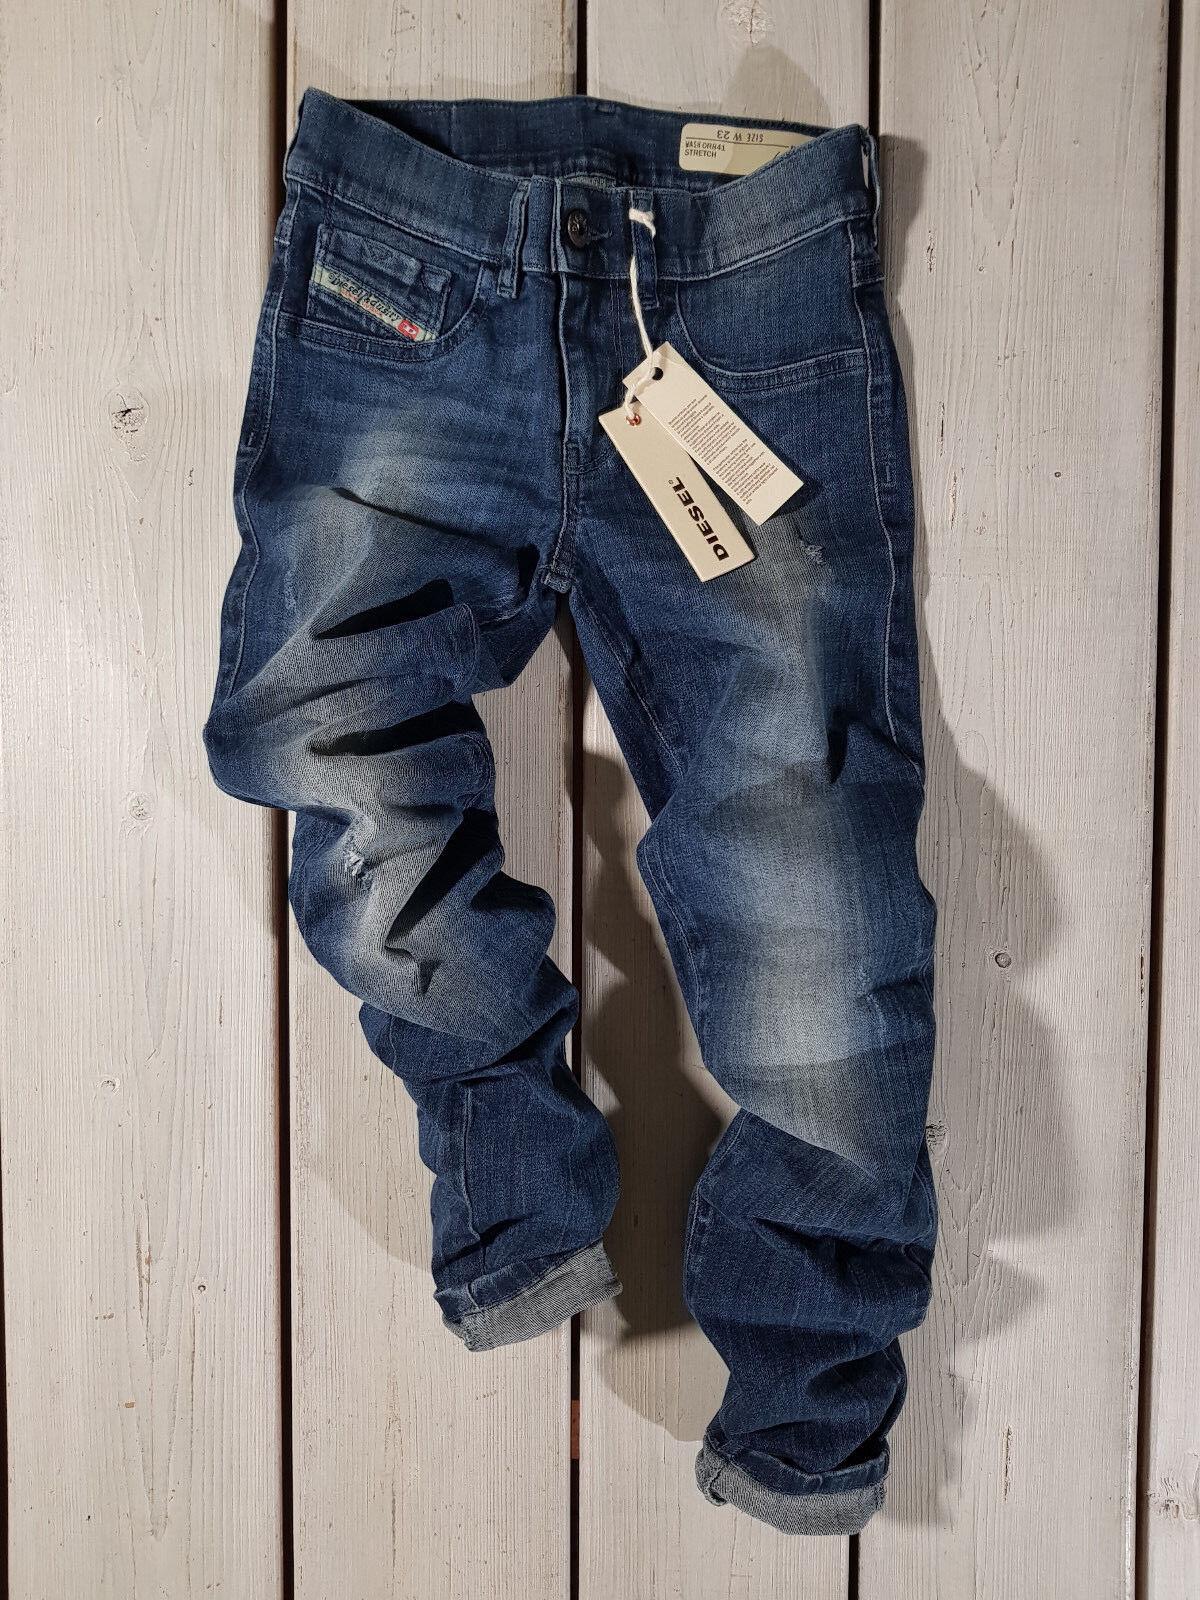 Prezzo di Vendita Consigliato Nuovo Diesel DONNA Jeans W23 W23 W23 Livier-Ankle 0r841 15db80